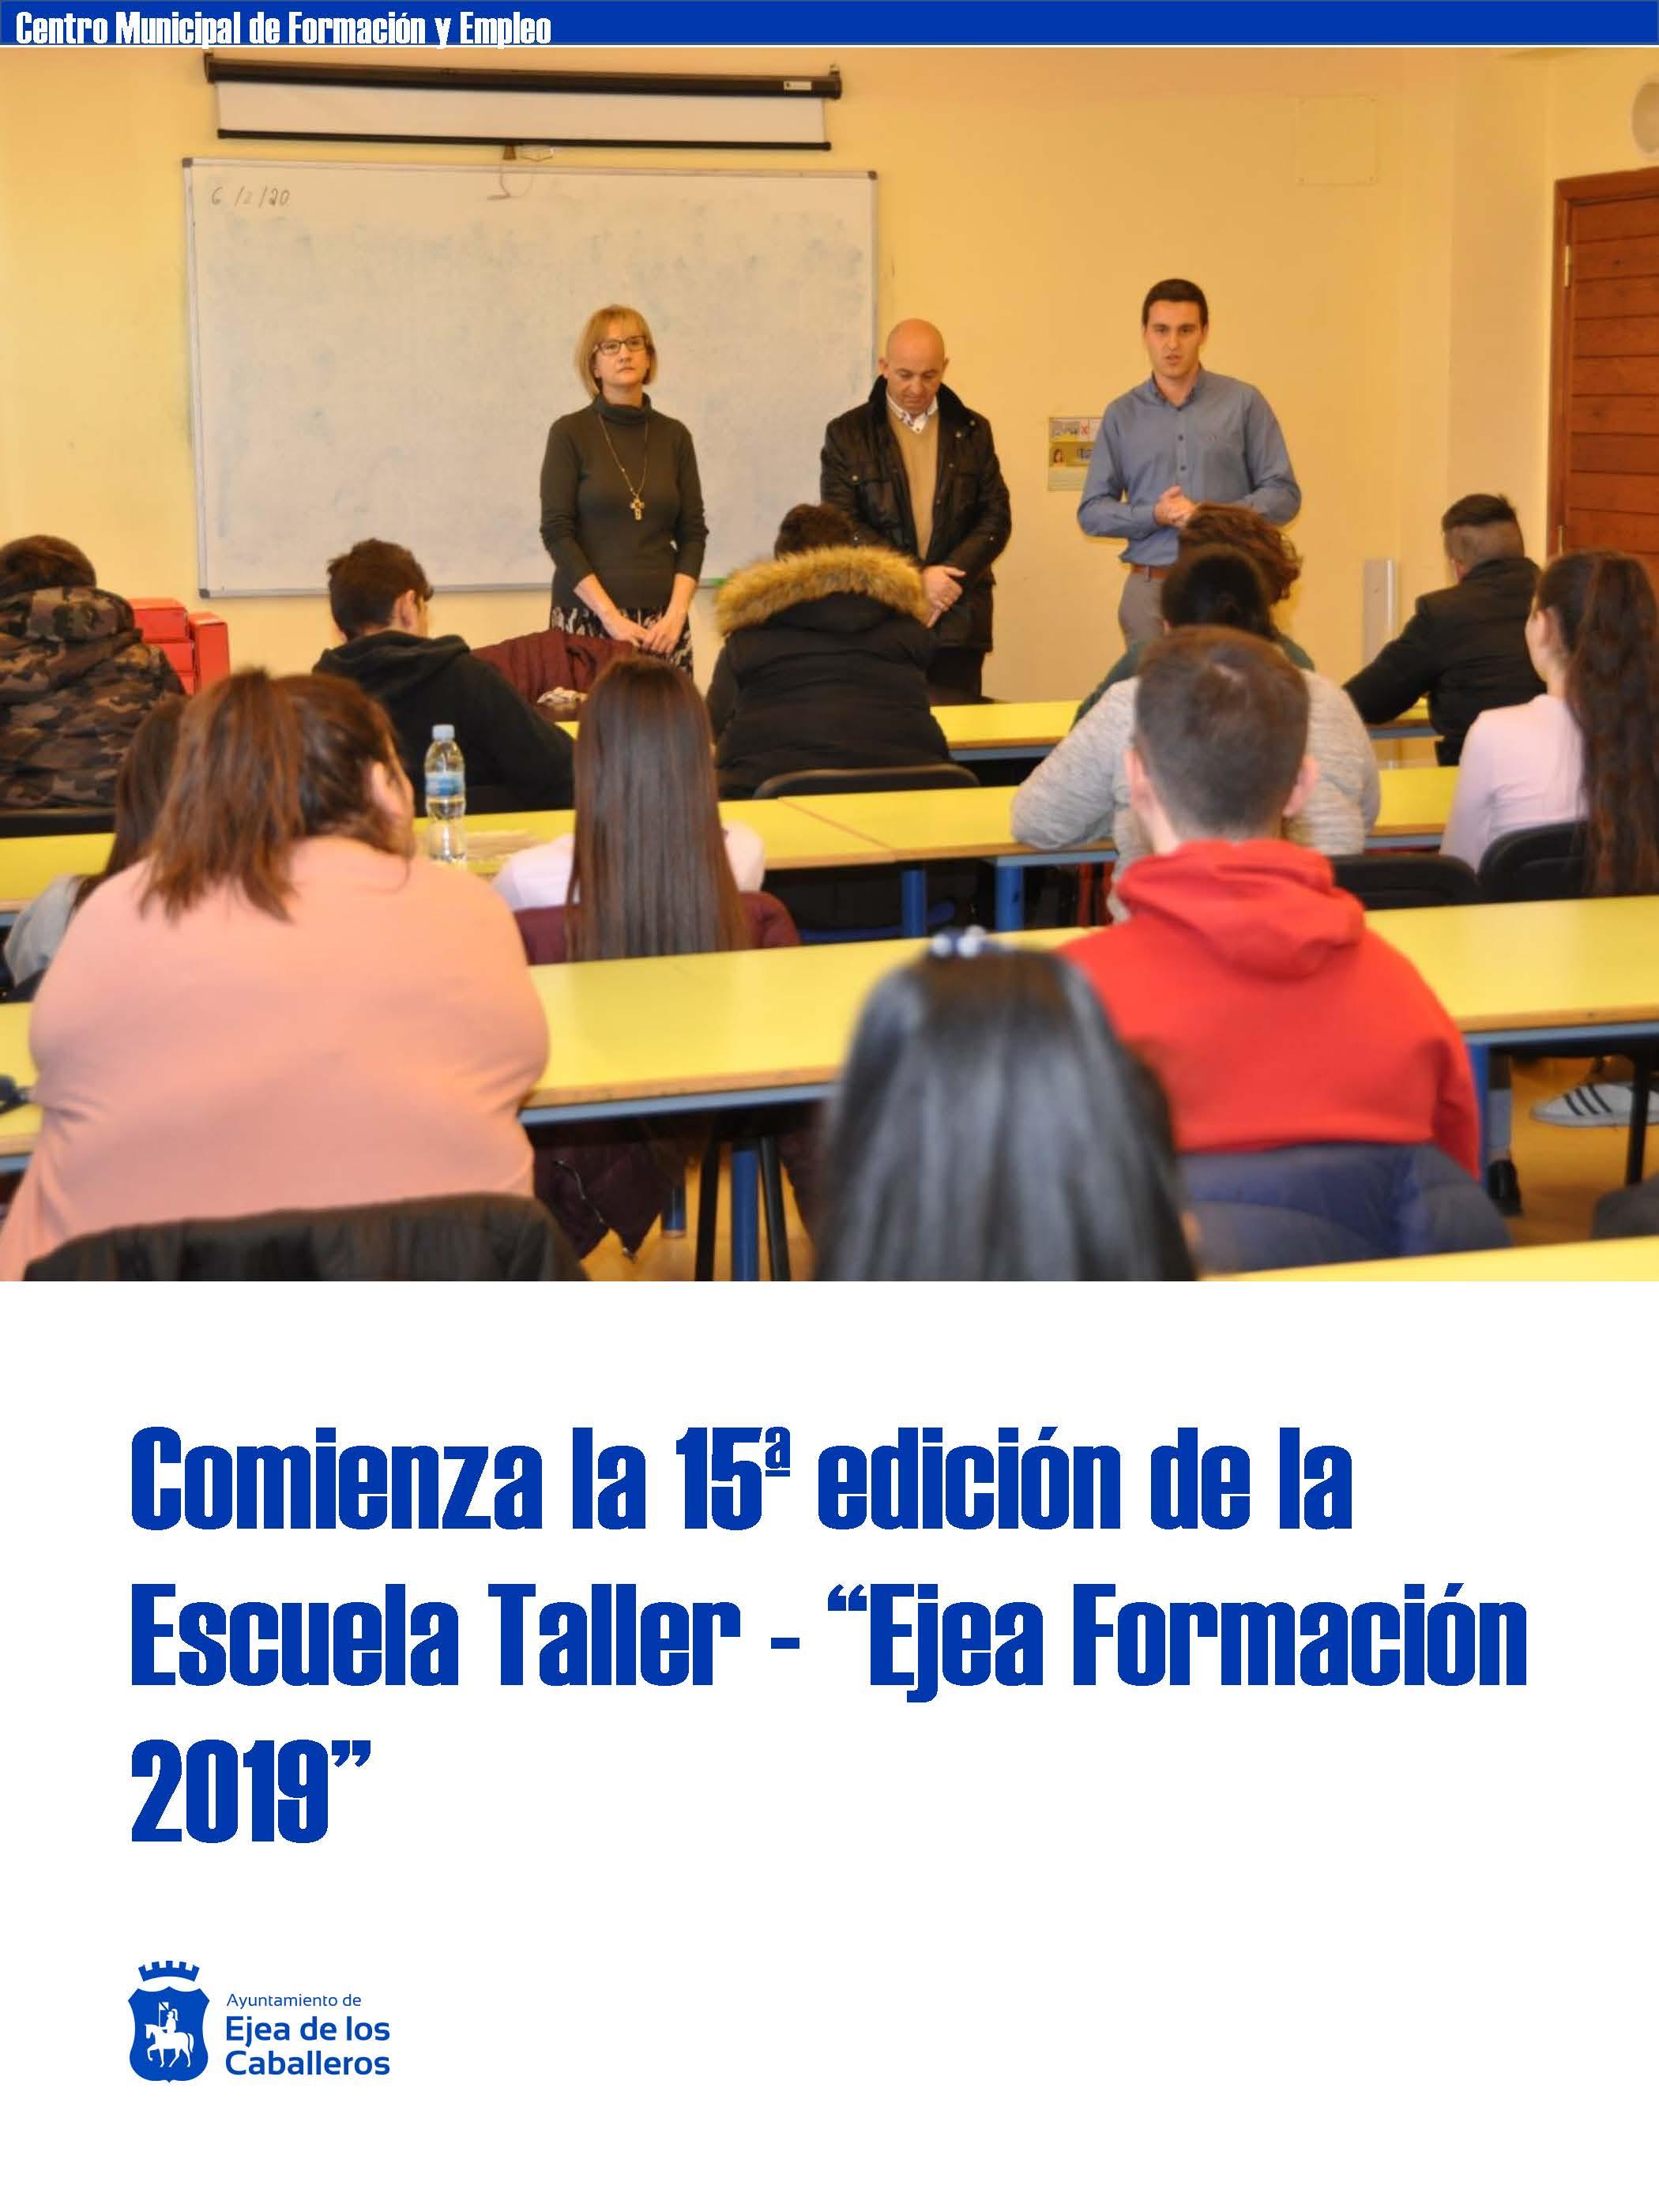 Se inicia la 15ª edición de la Escuela Taller en el Centro Municipal de Formación y Empleo del Ayuntamiento de Ejea de los Caballeros